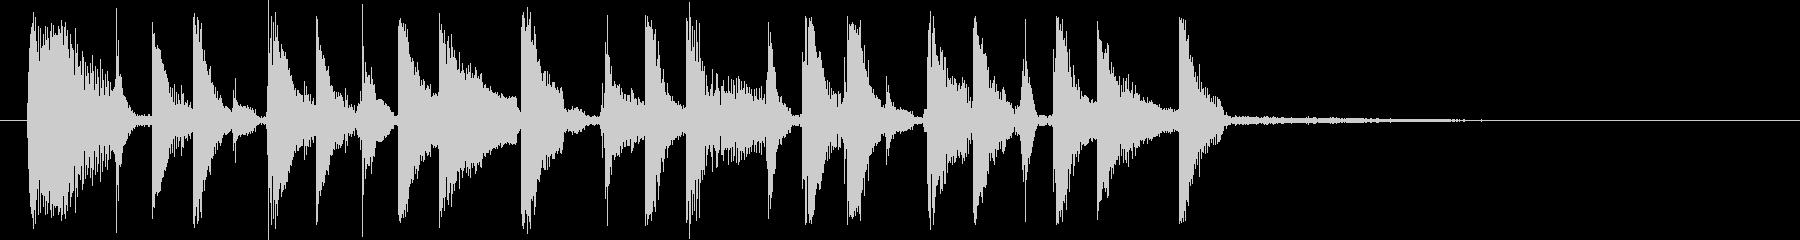 ファンキーなリズムギターカッティングの未再生の波形